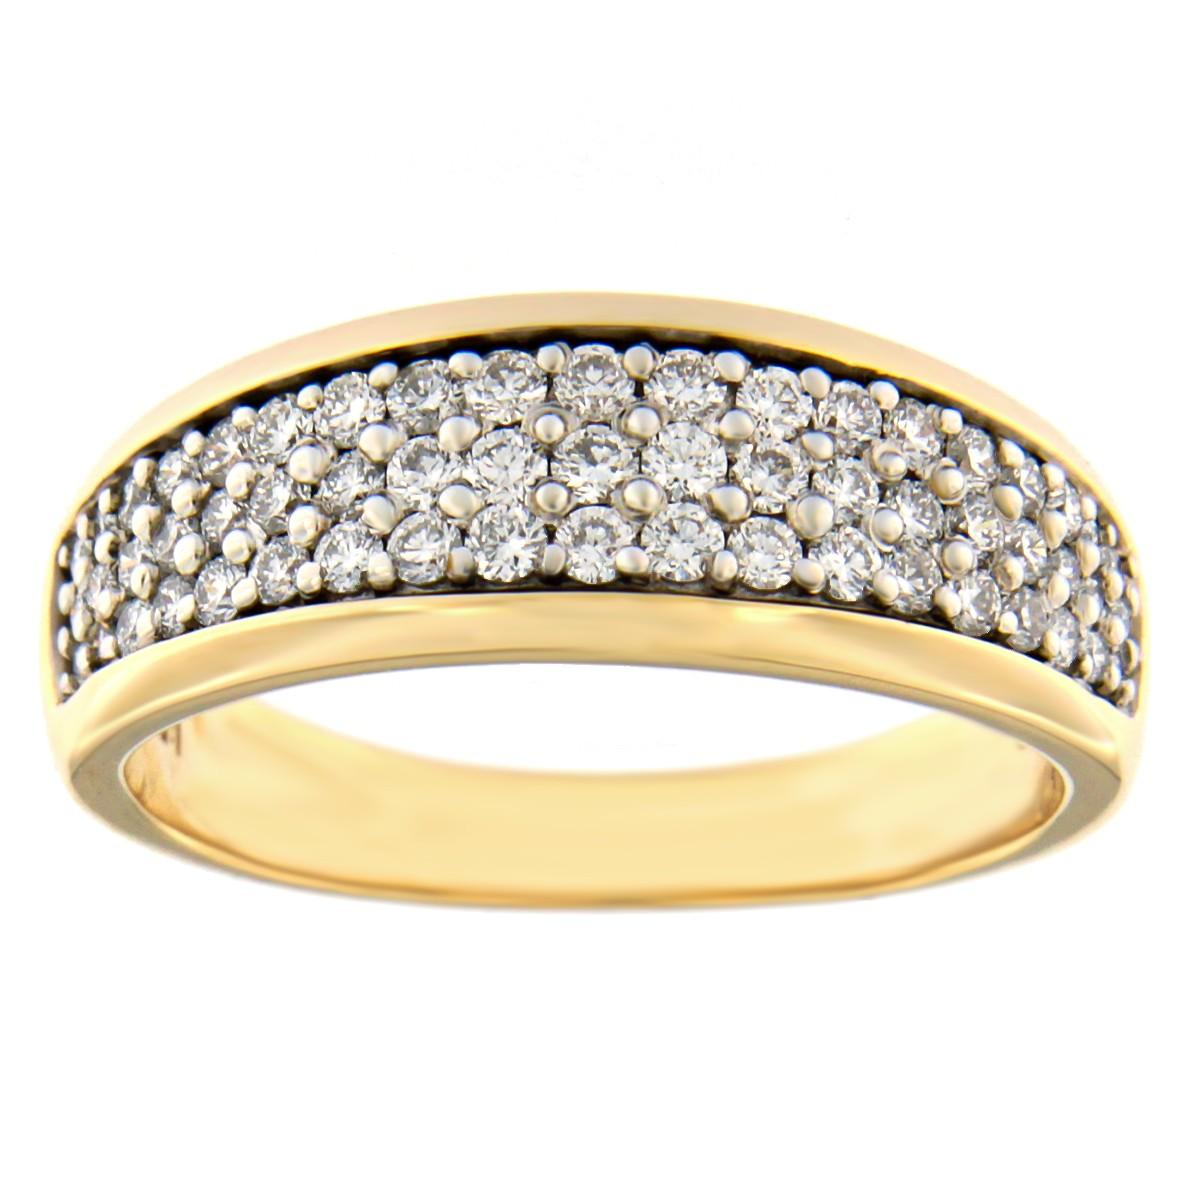 Kullast sõrmus teemantidega 0,50 ct. Kood: 53at